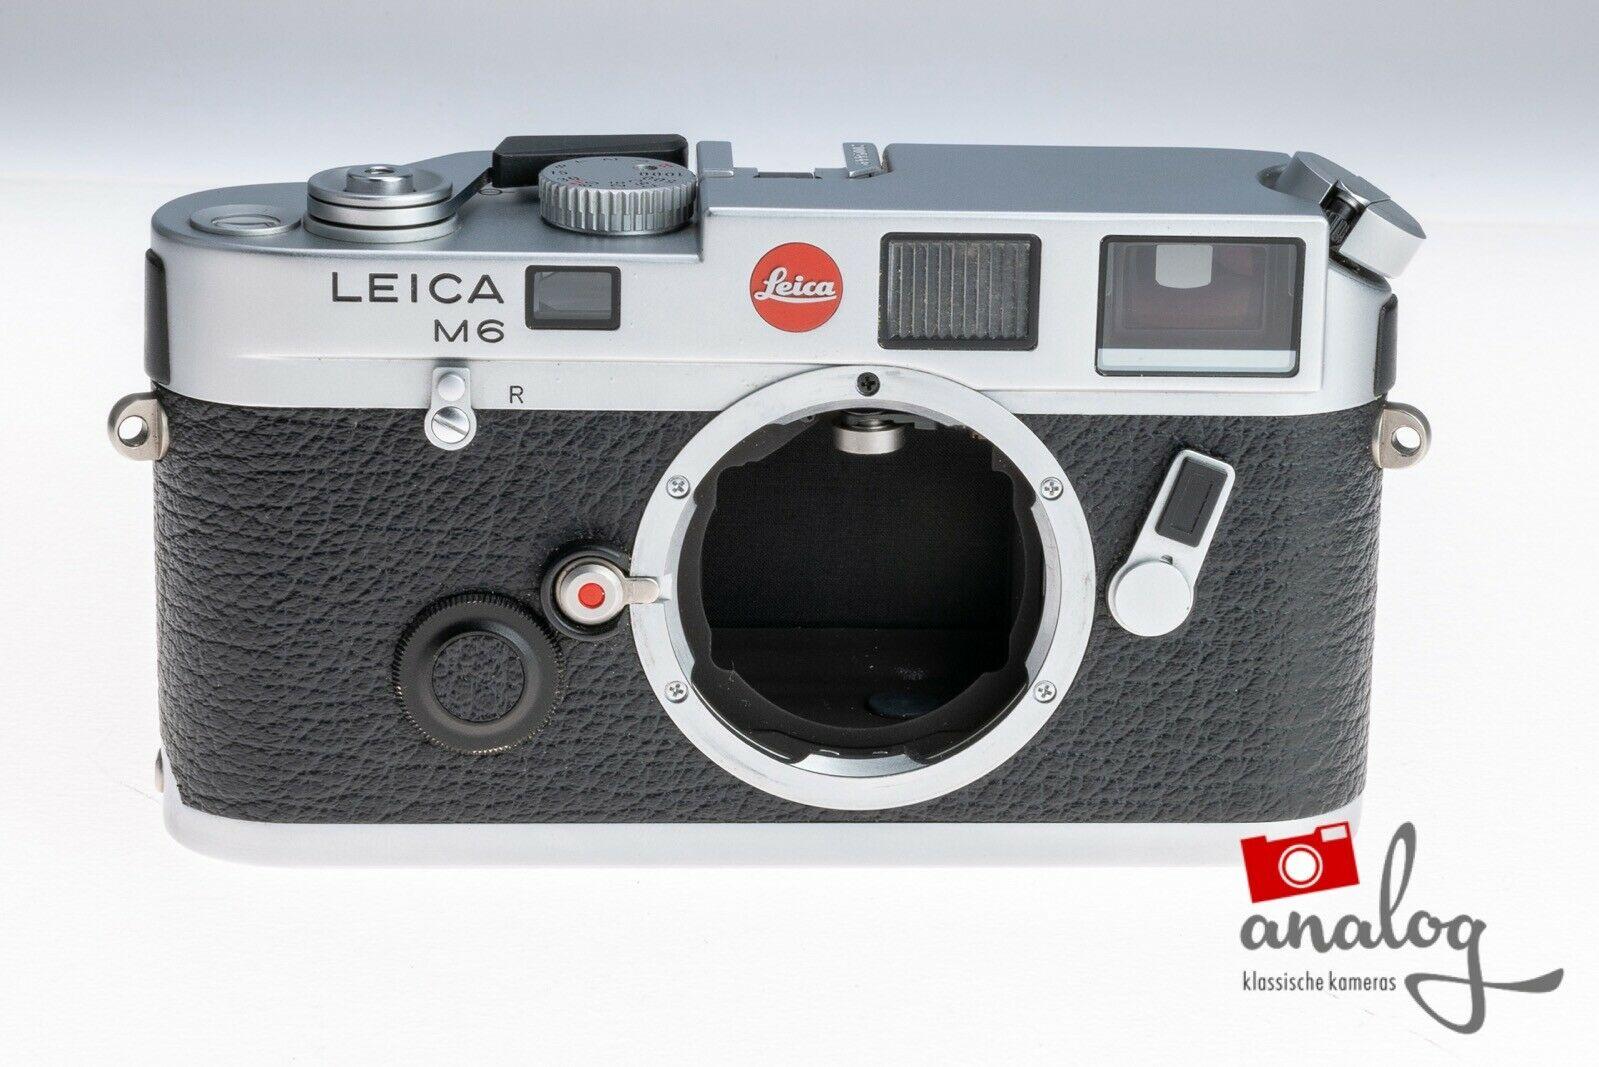 Leica M6 chrome